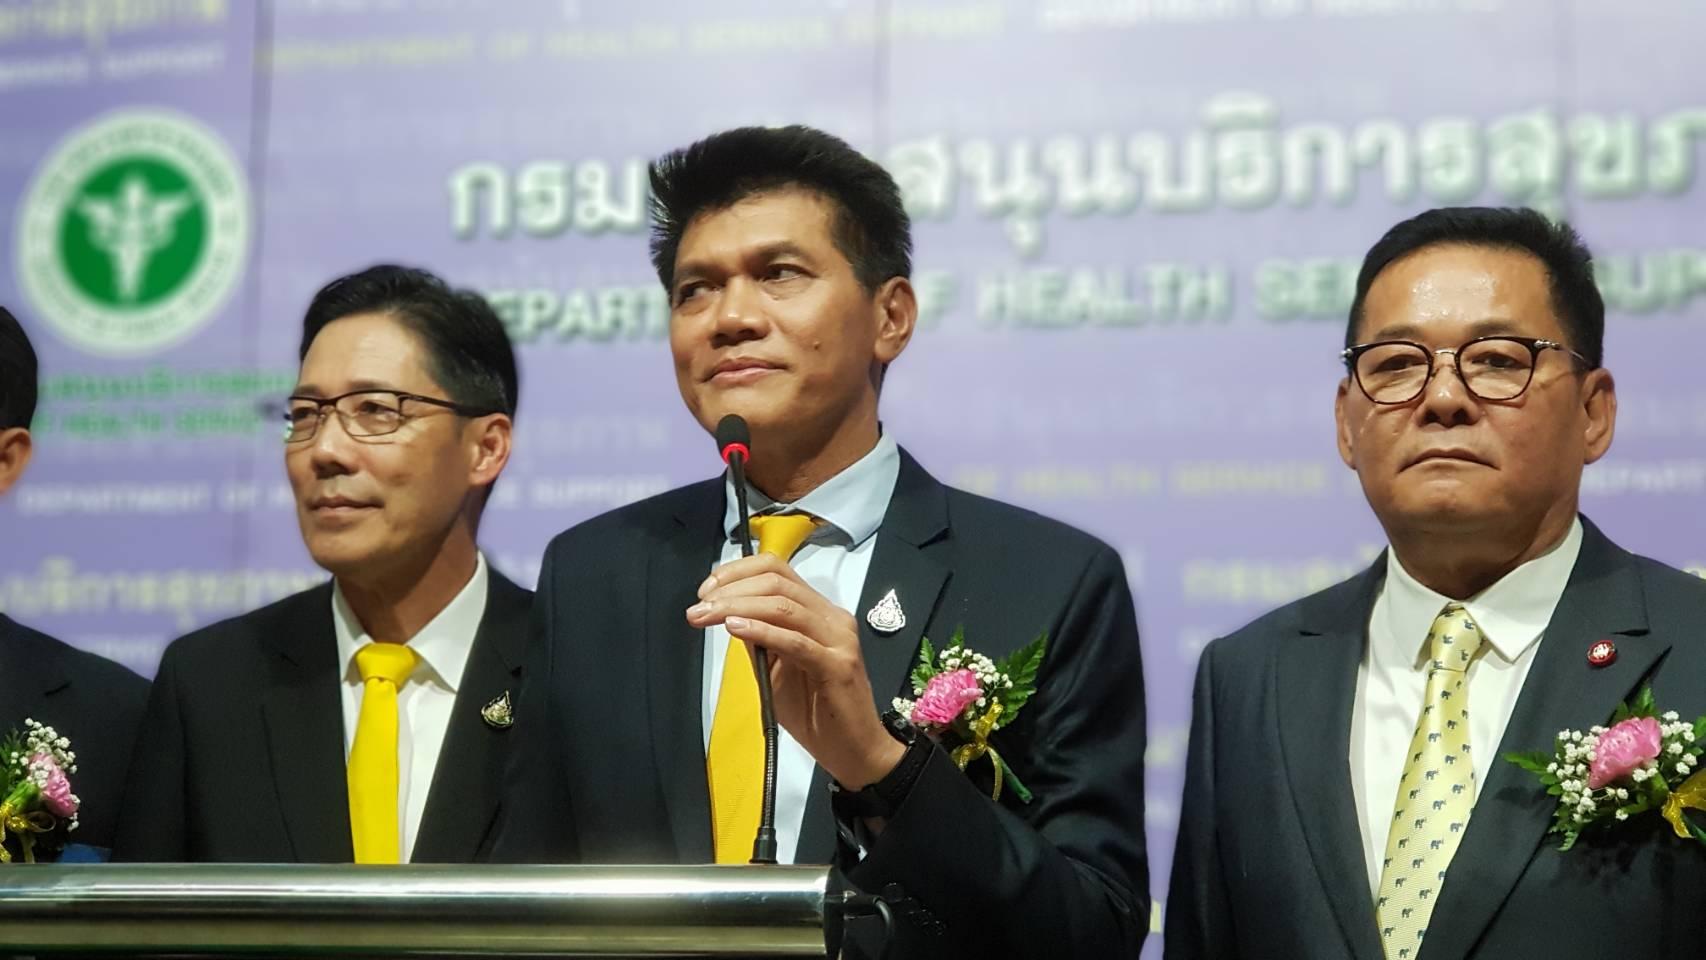 เริ่ม 31 ต.ค.นี้ ต่างชาติอายุ 50 ปีขึ้นไป ขอวีซ่ามาอยู่ไทยไม่เกิน 1 ปี ต้องซื้อประกันสุขภาพ